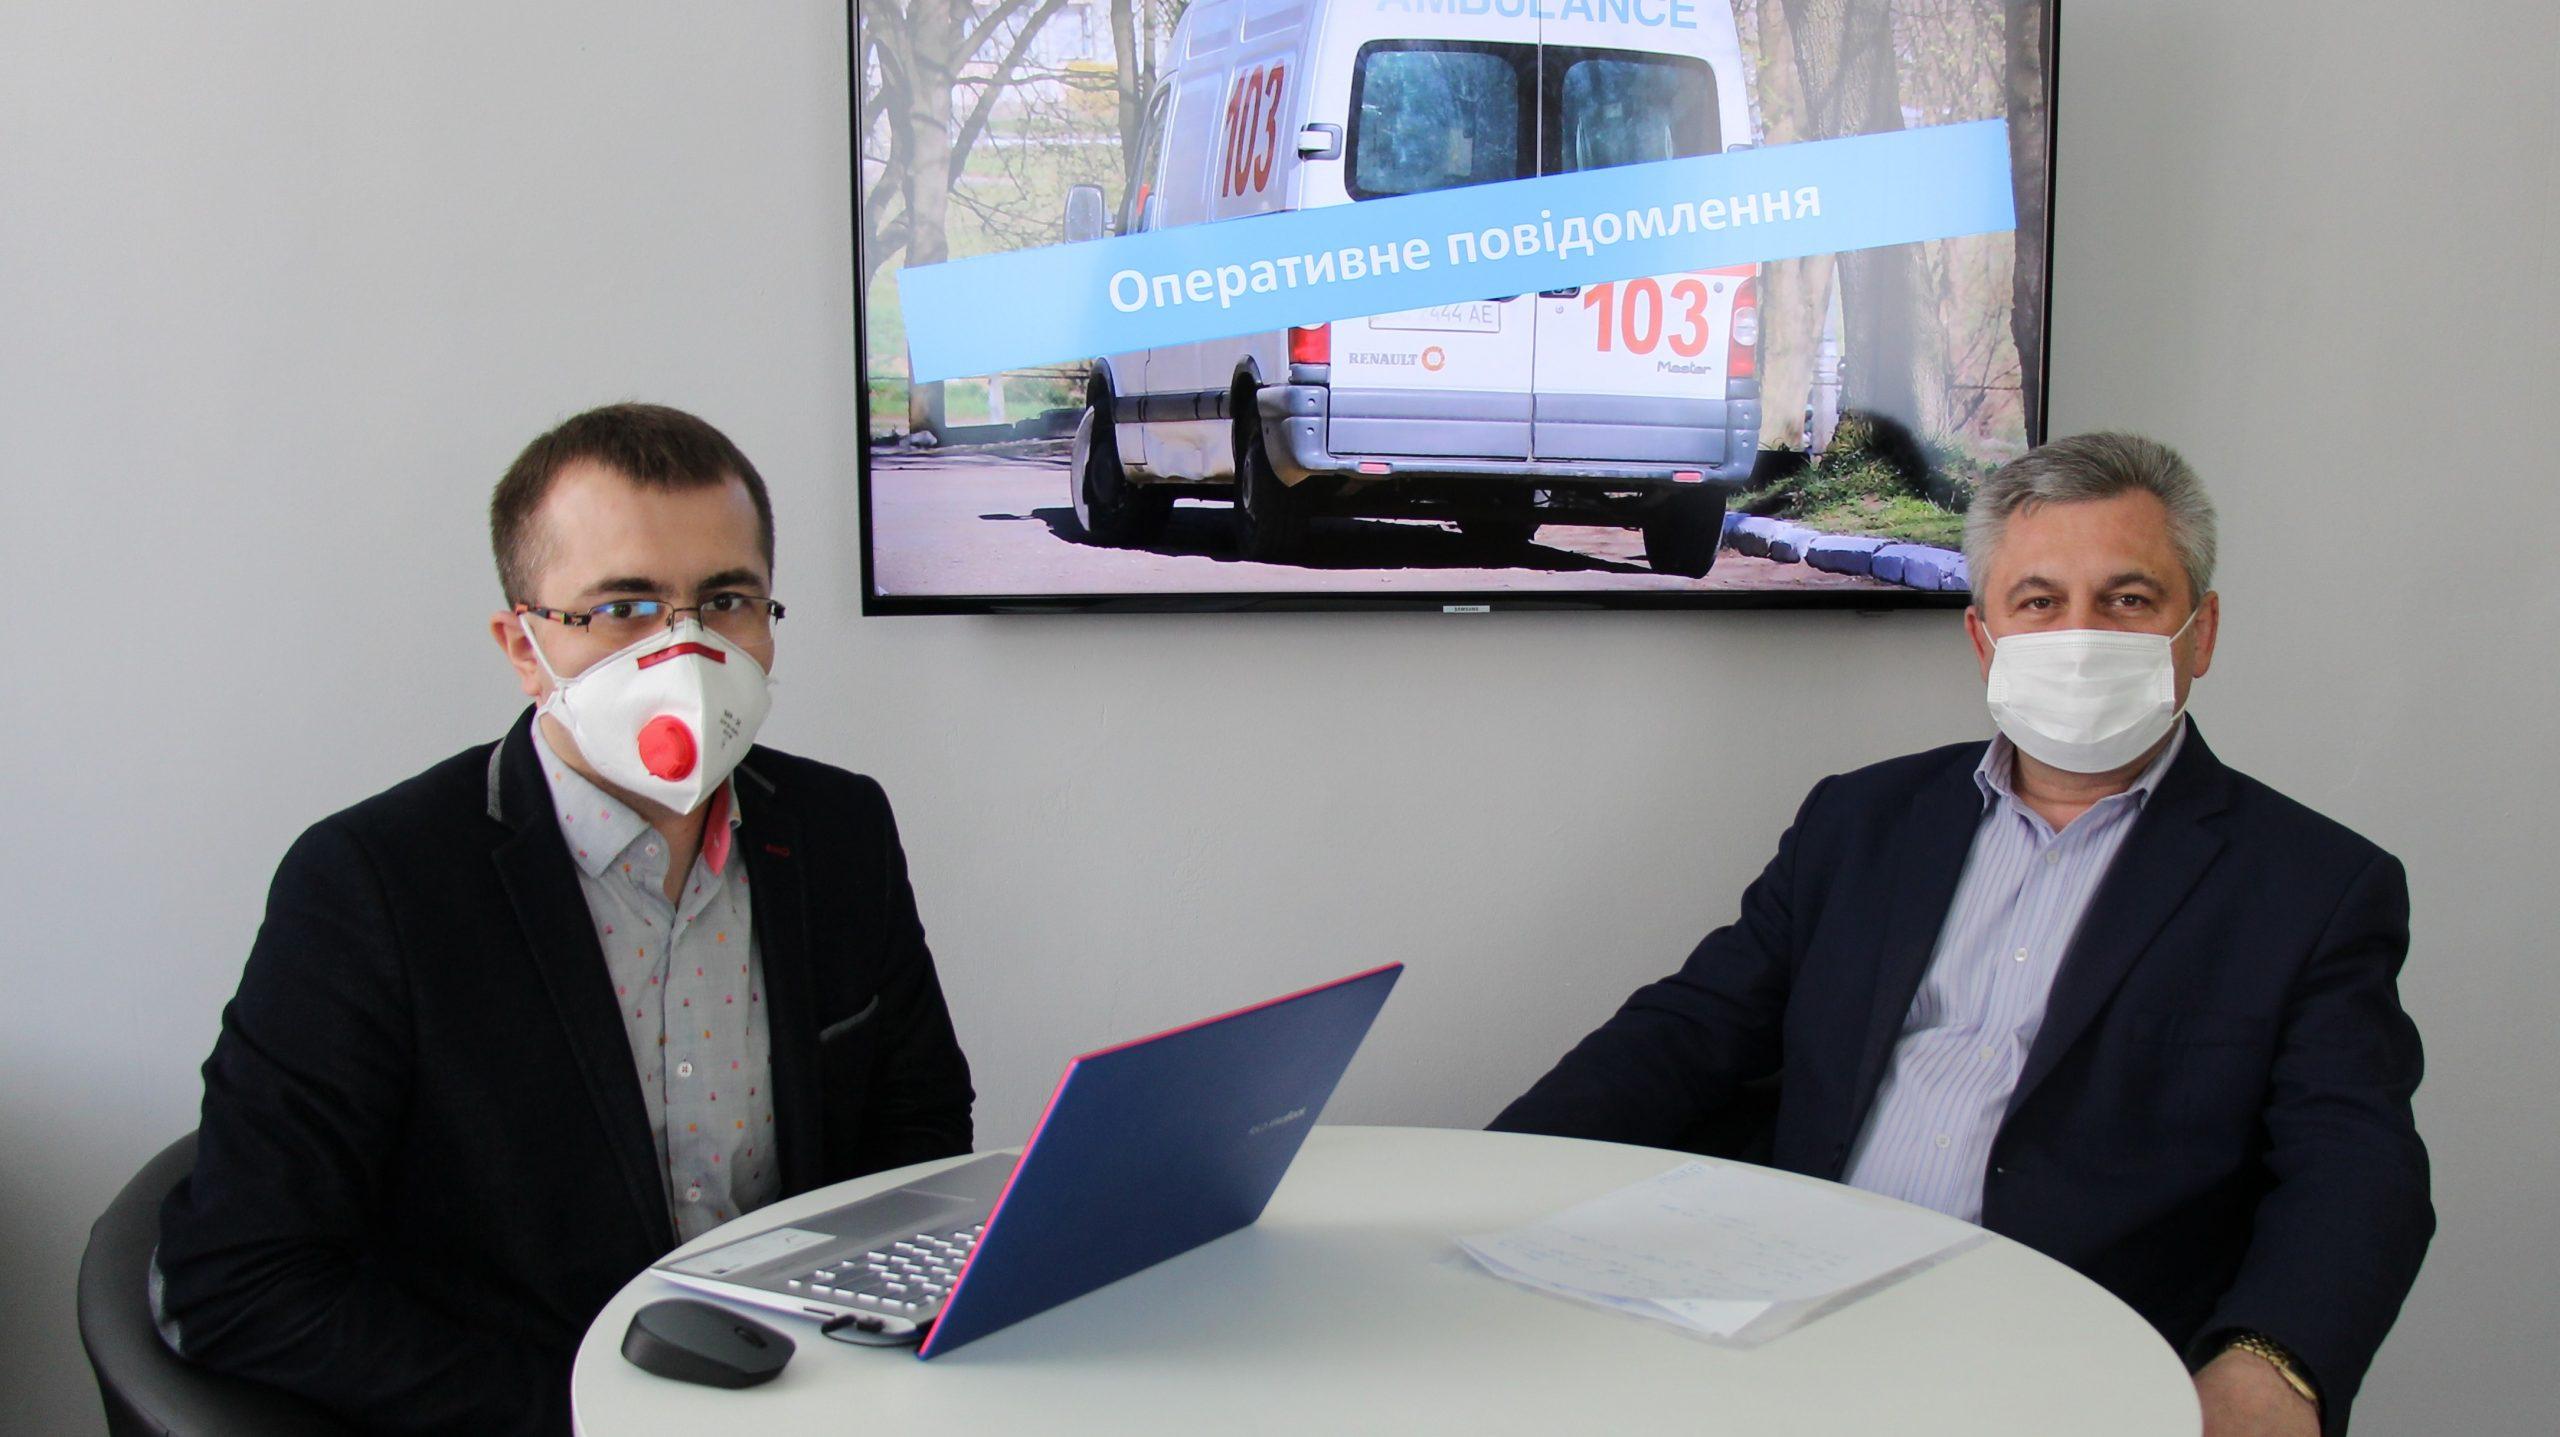 КМЦ «Дрогобич:»: Нові випадки захворювання на COVID-19 у Дрогобичі та регіоні